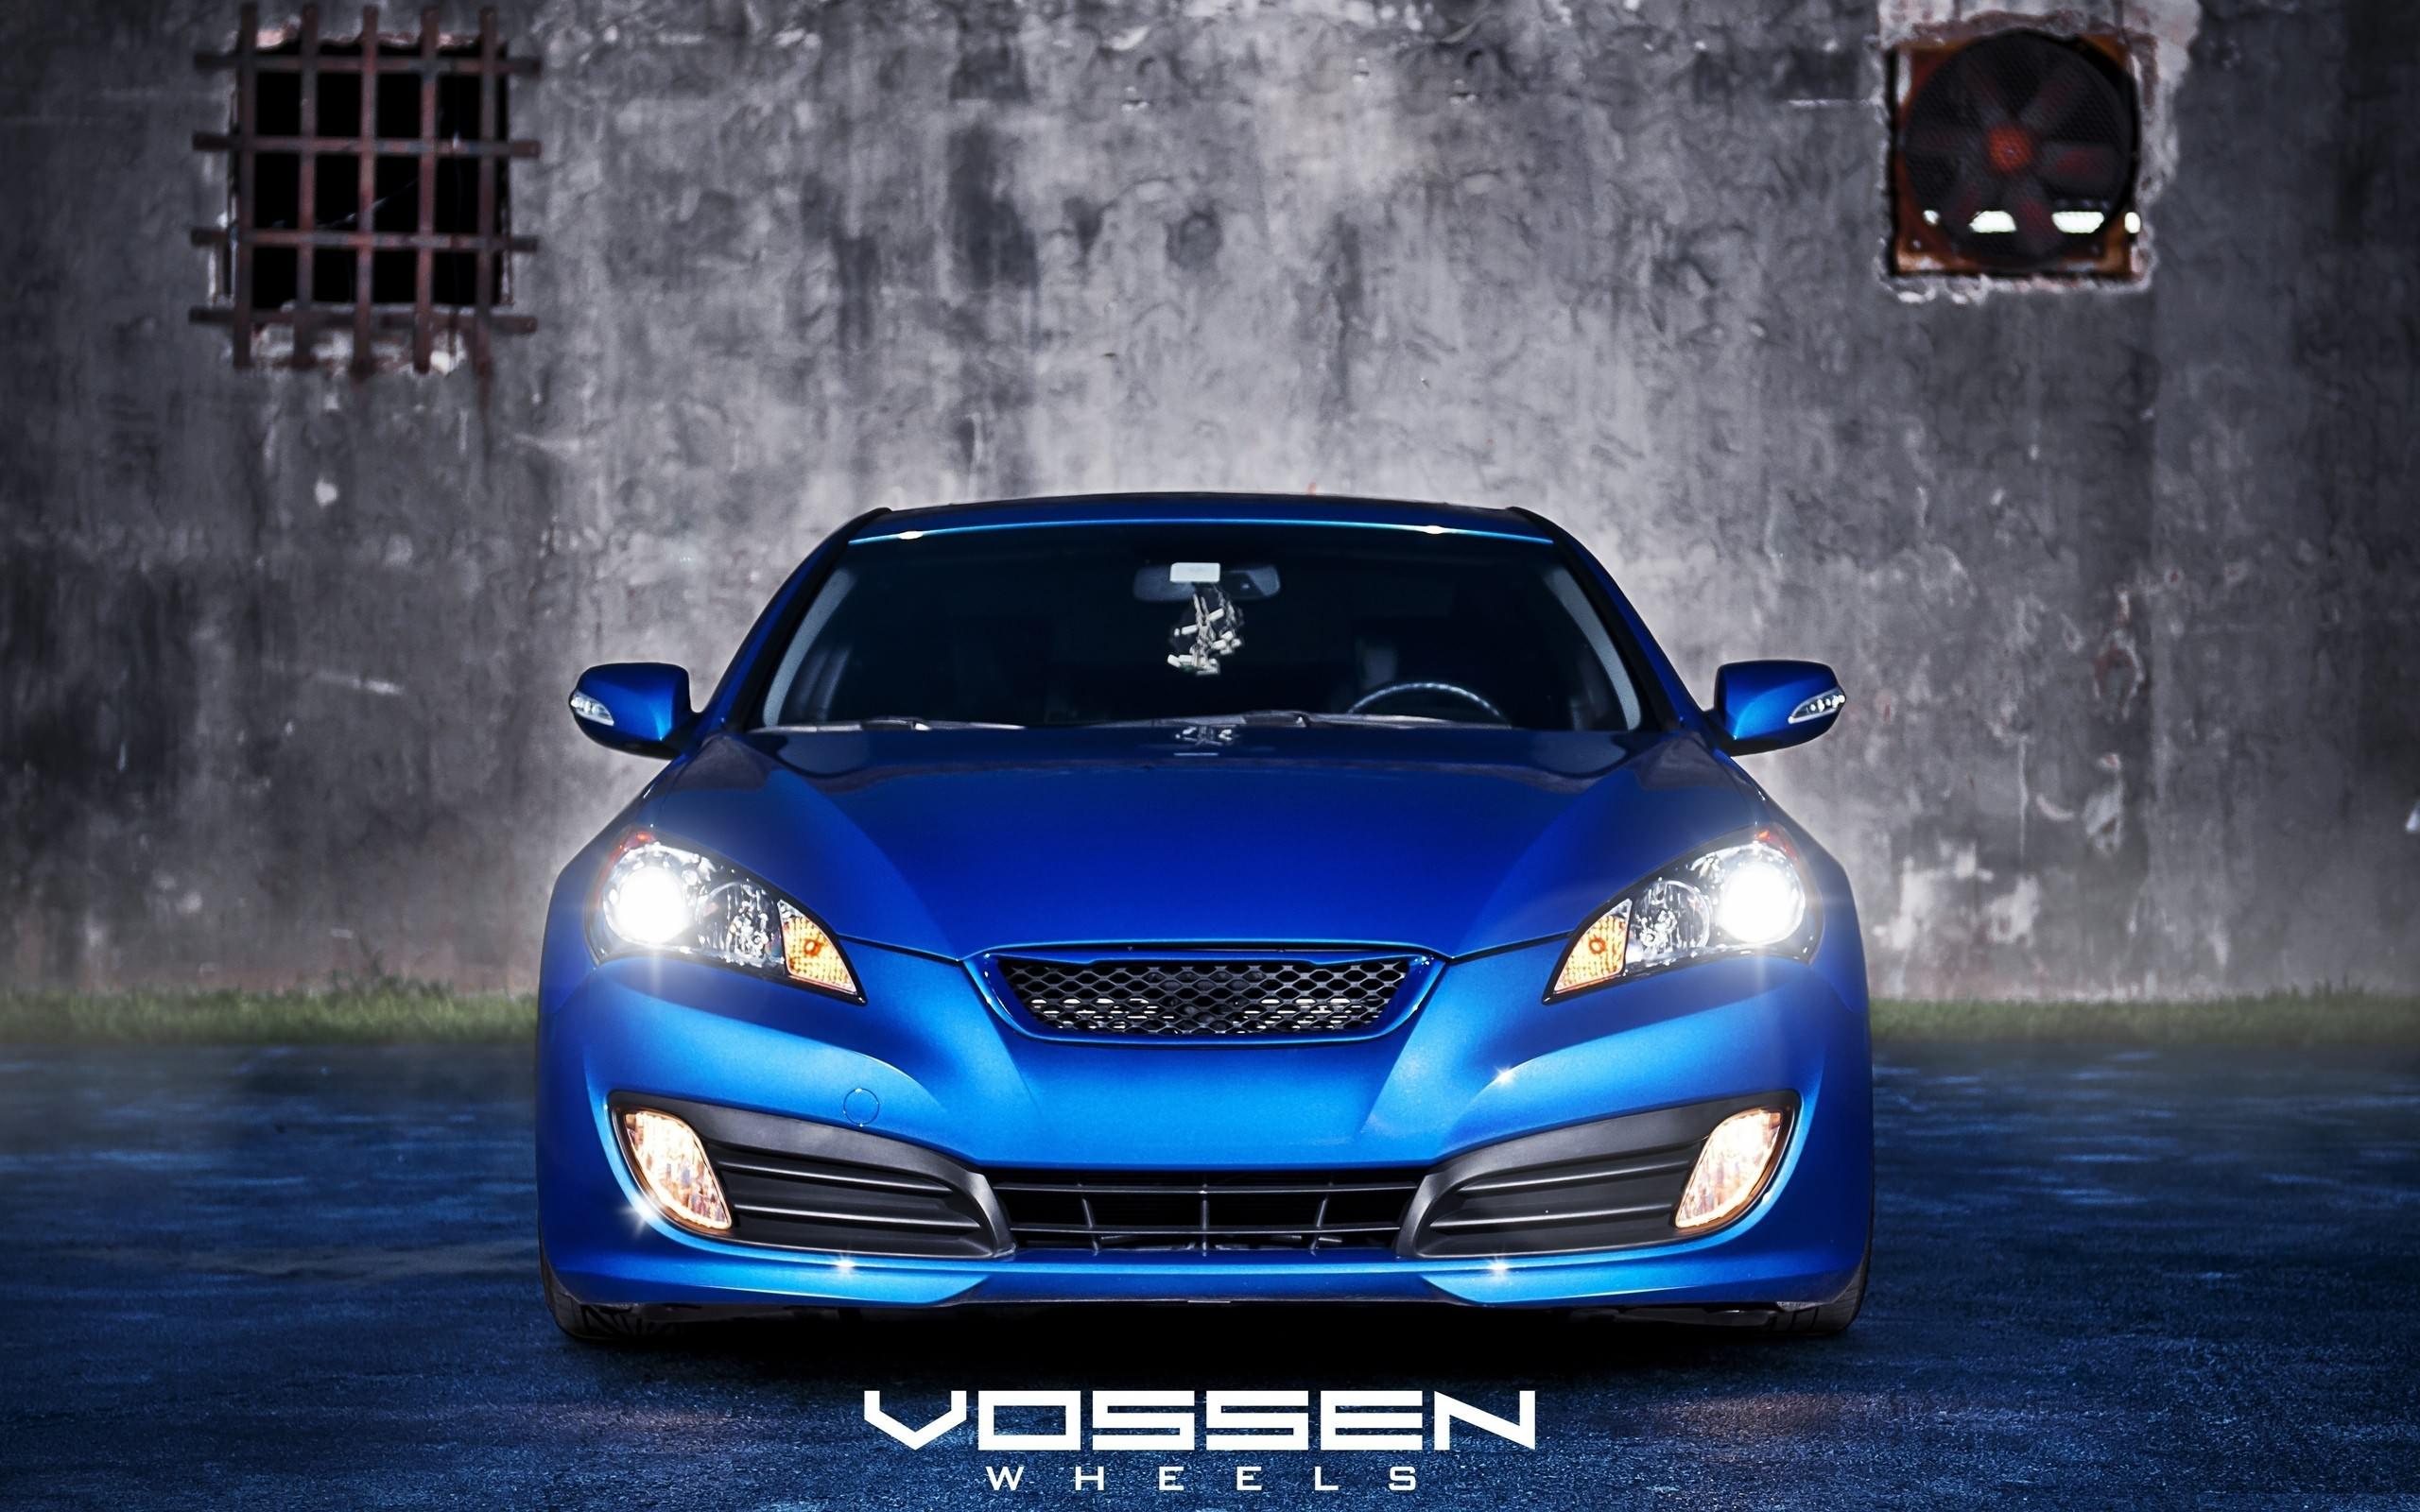 зеленый автомобиль Hyundai Genesis бесплатно